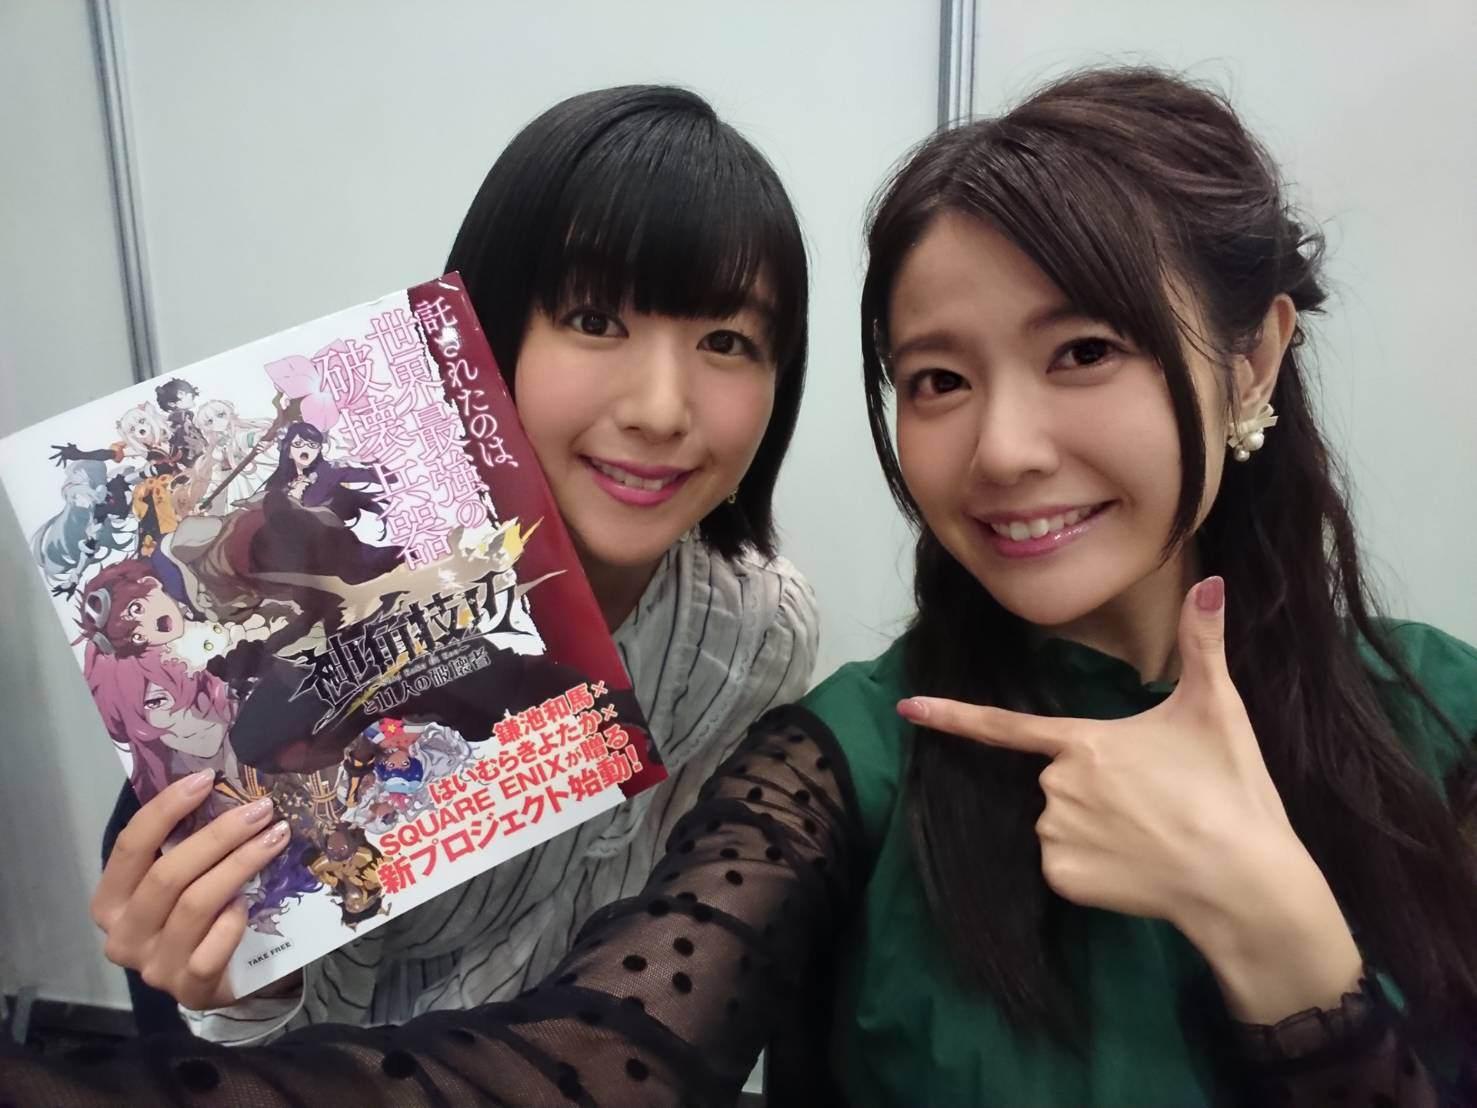 【画像】茅野愛衣さん(32)と竹達彩奈さん(30)の最新画像が人妻に見える…